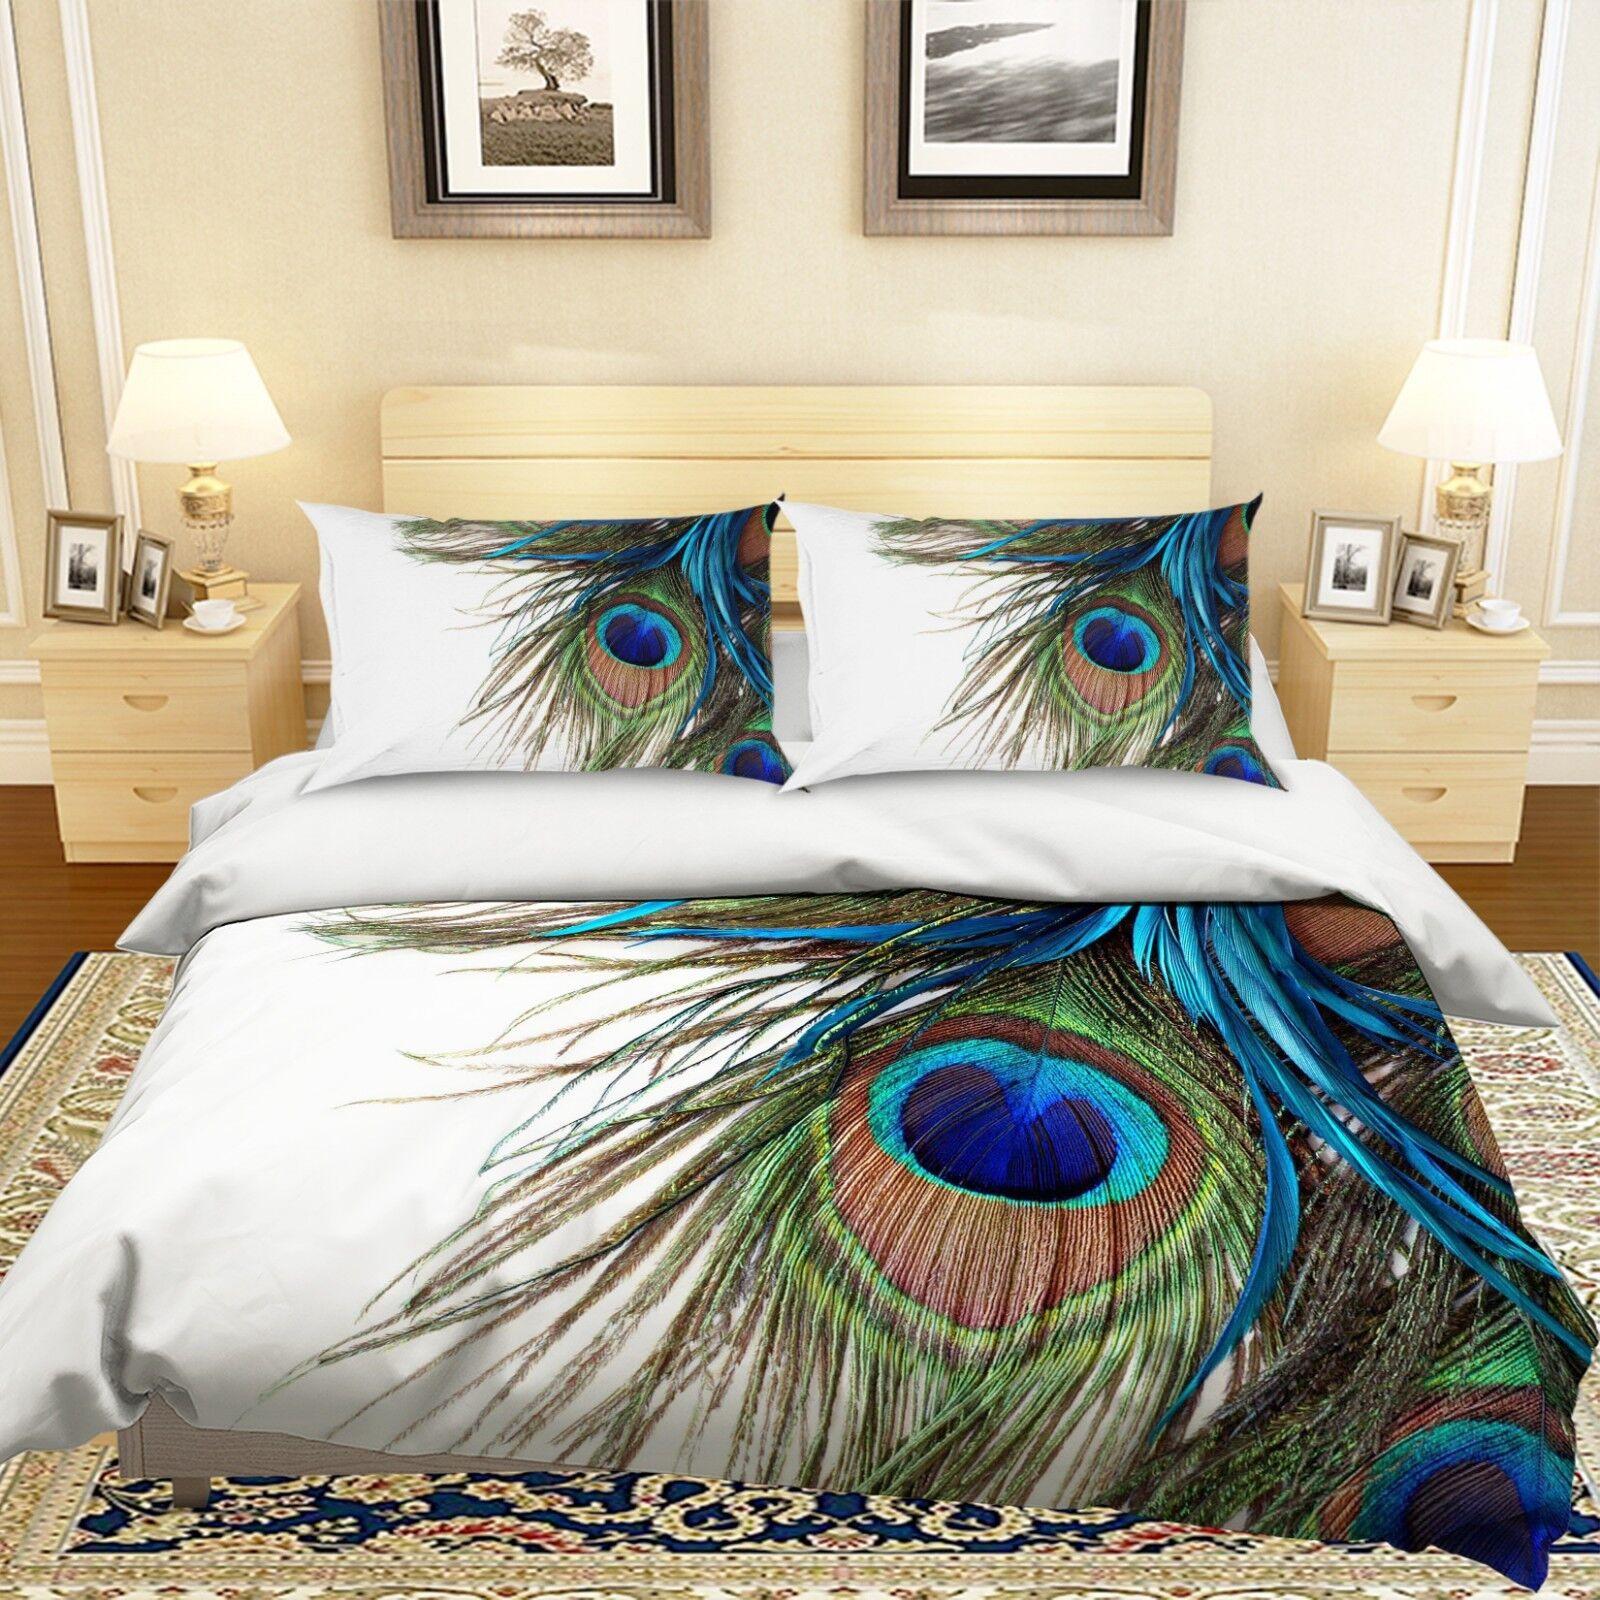 3D-Pfau Feder 45 Bett Kissenbez Kombi-65533;2d0d0d0d0d0d0d0d0d0d0d0d0d0d0d0d0d0d0d0d0d0d0d0d0d0d0d0d0d0d0d0